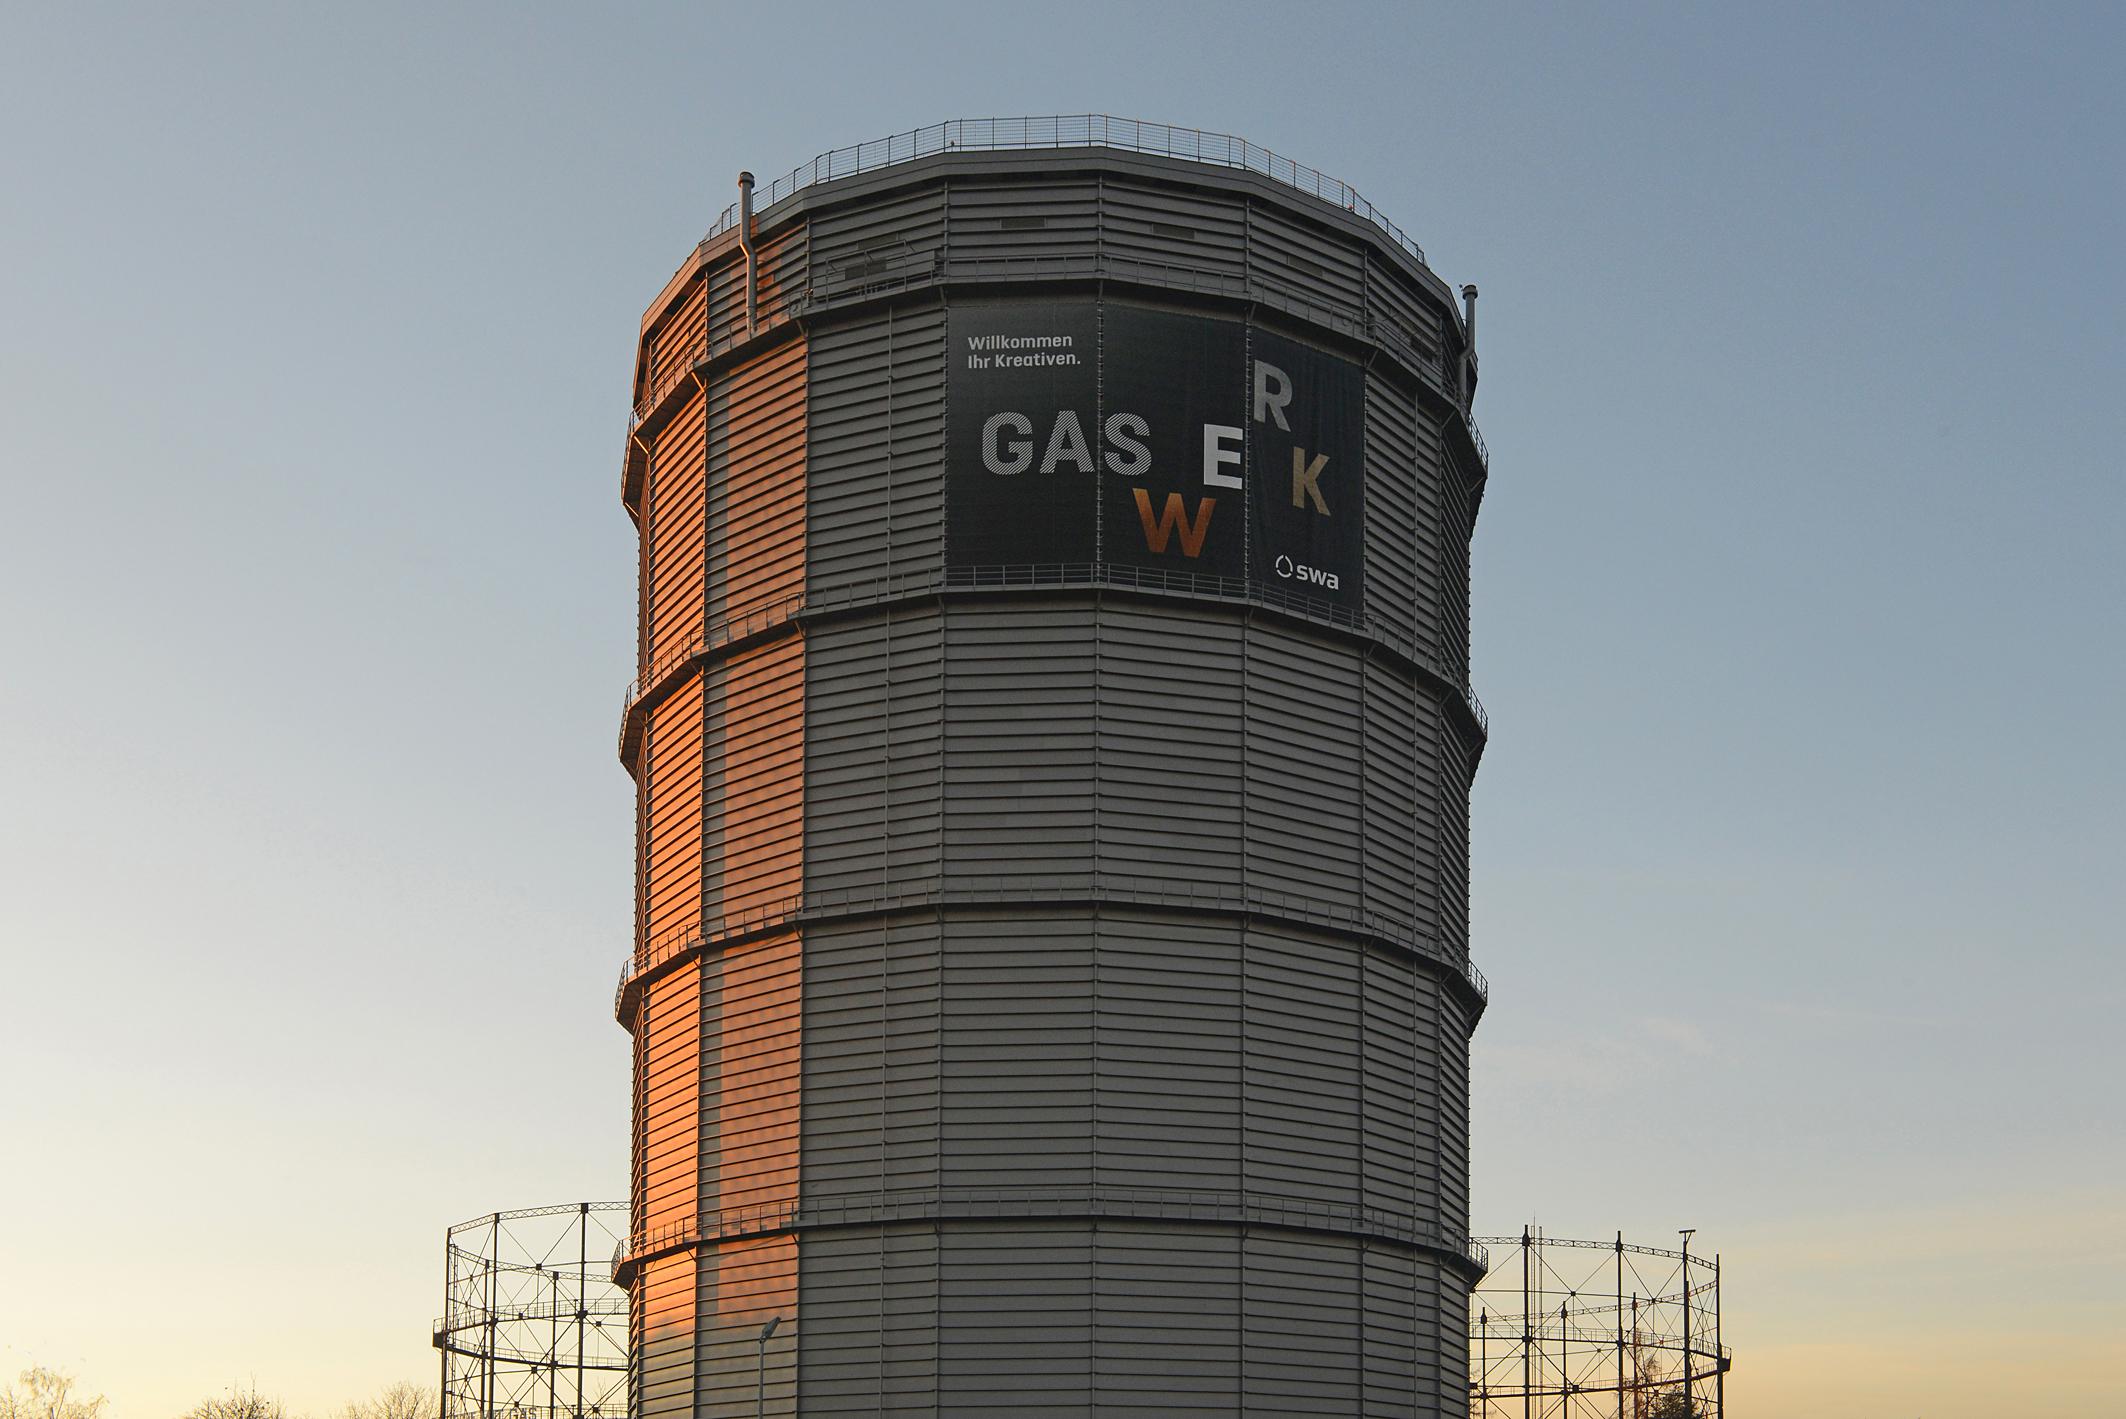 Scheibengasbehälter Augsburg